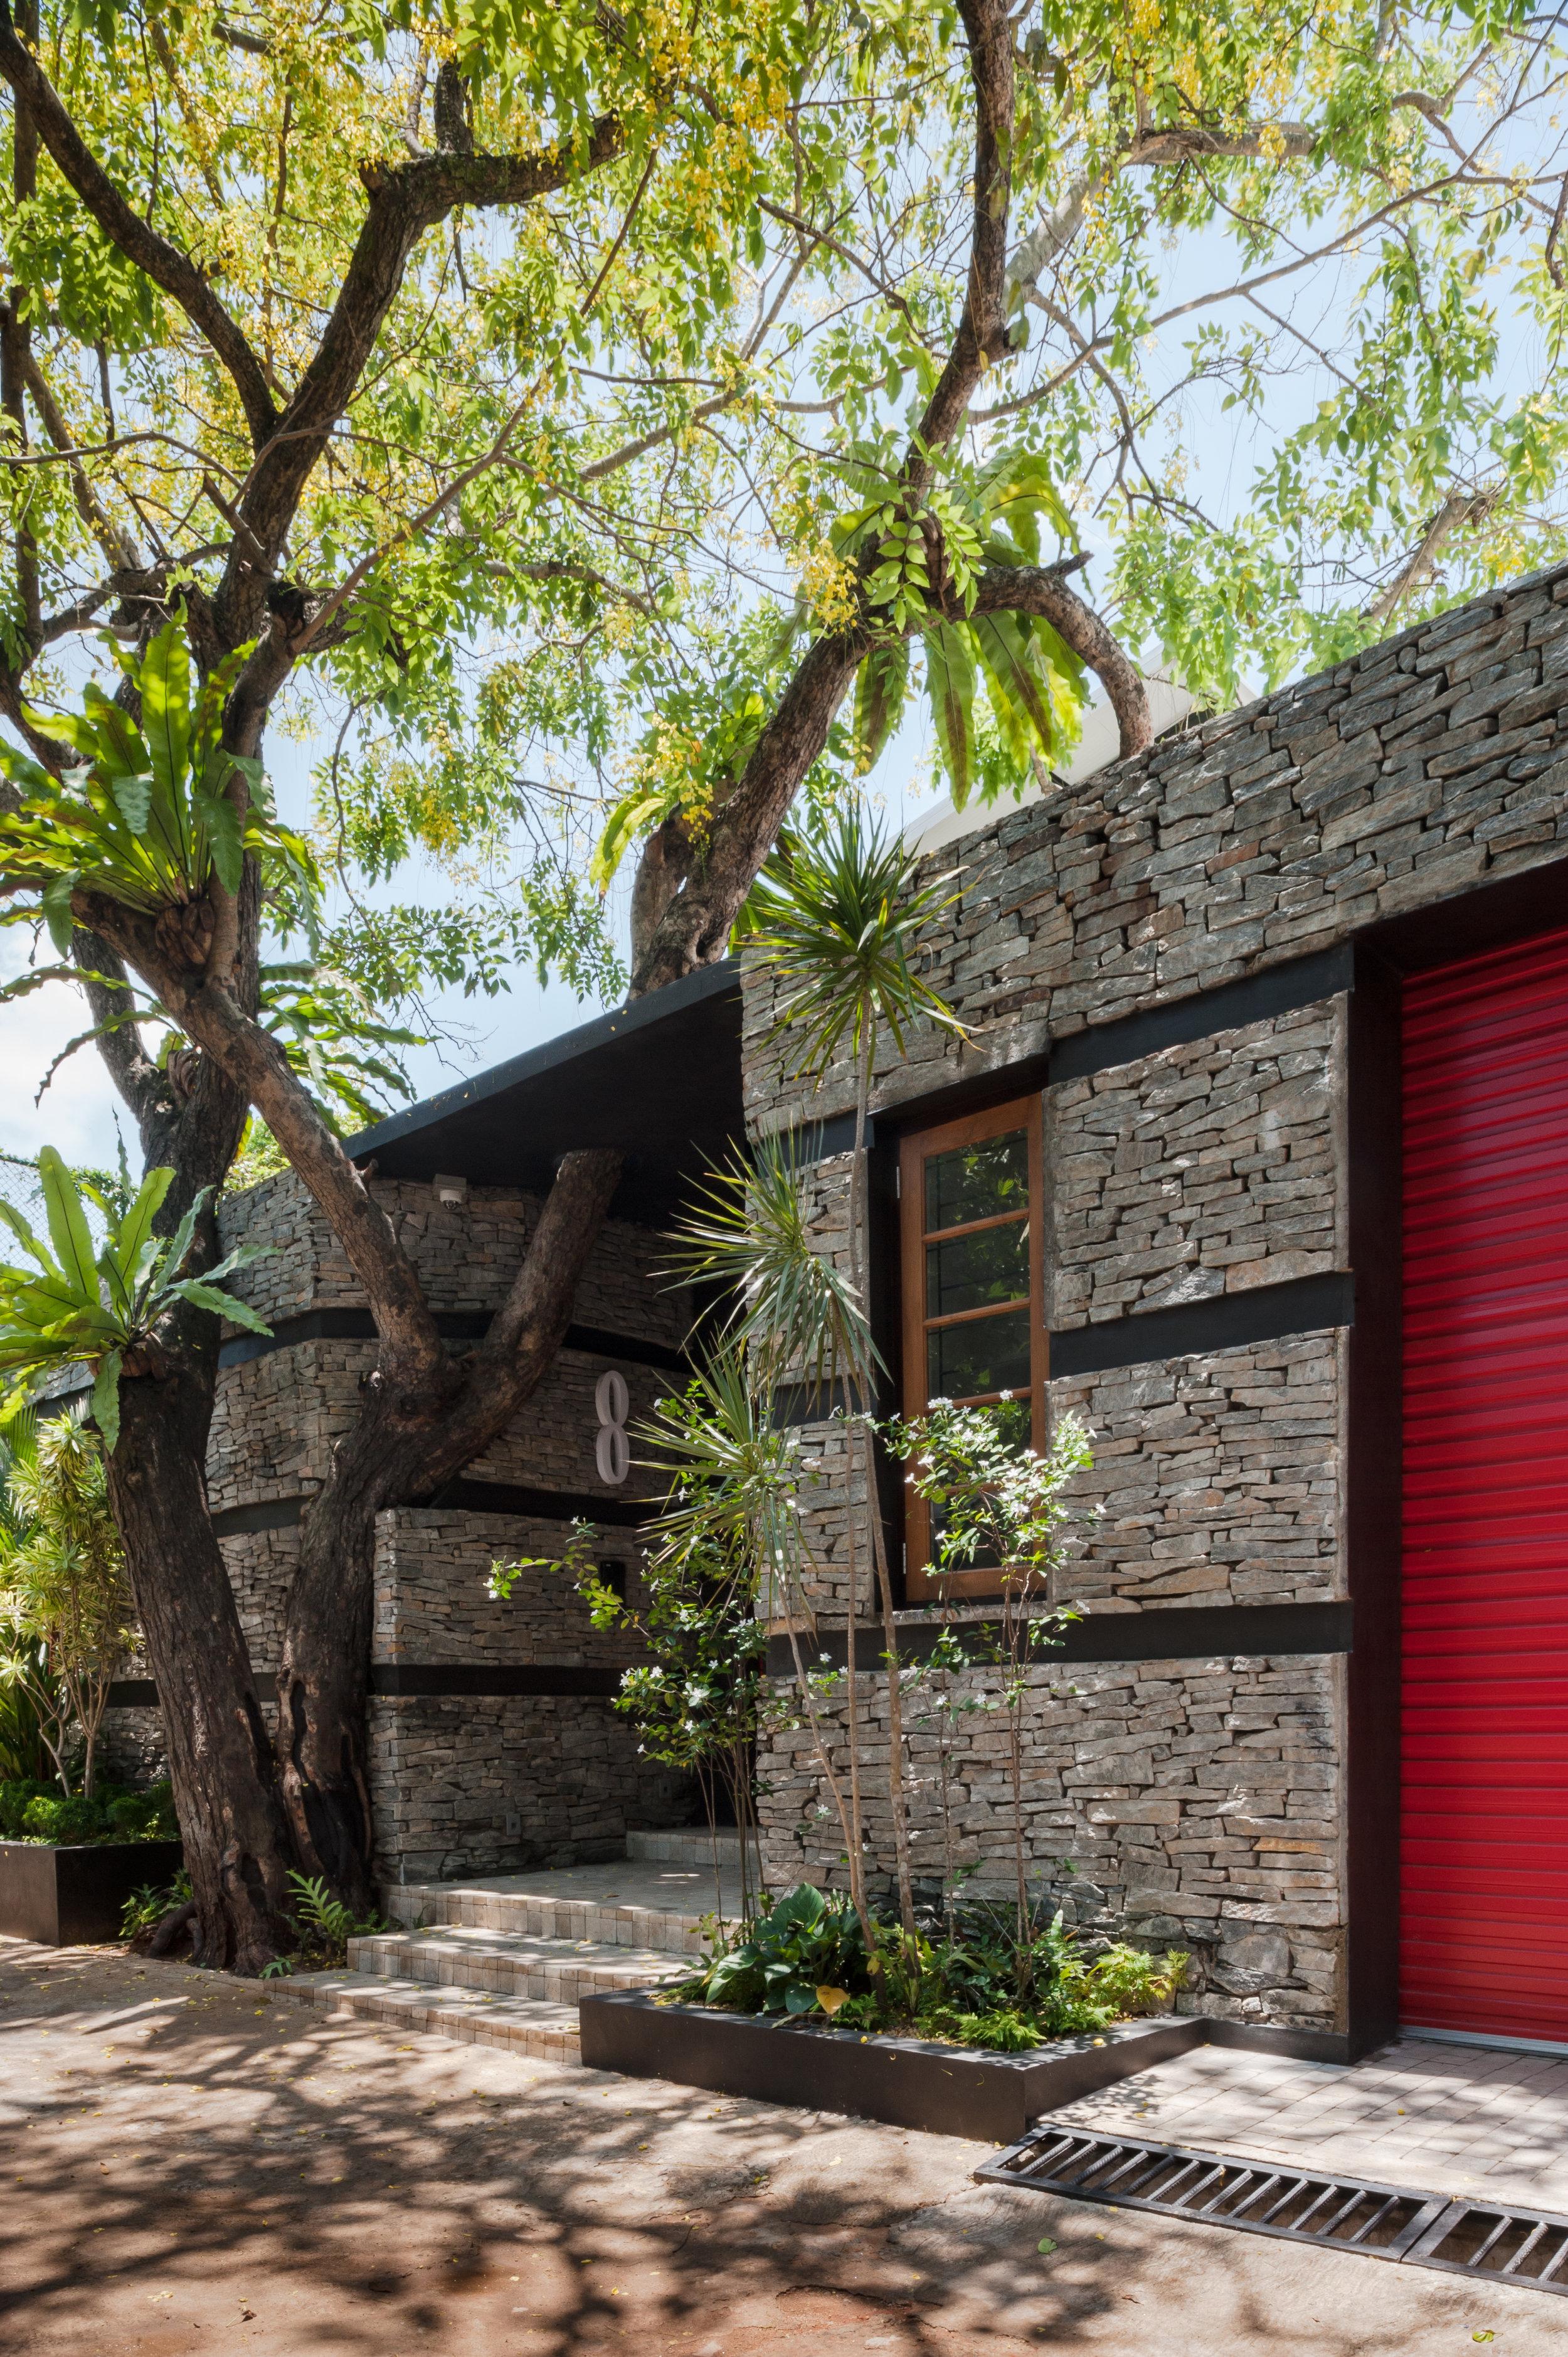 House No. 8 - The Ehela Tree